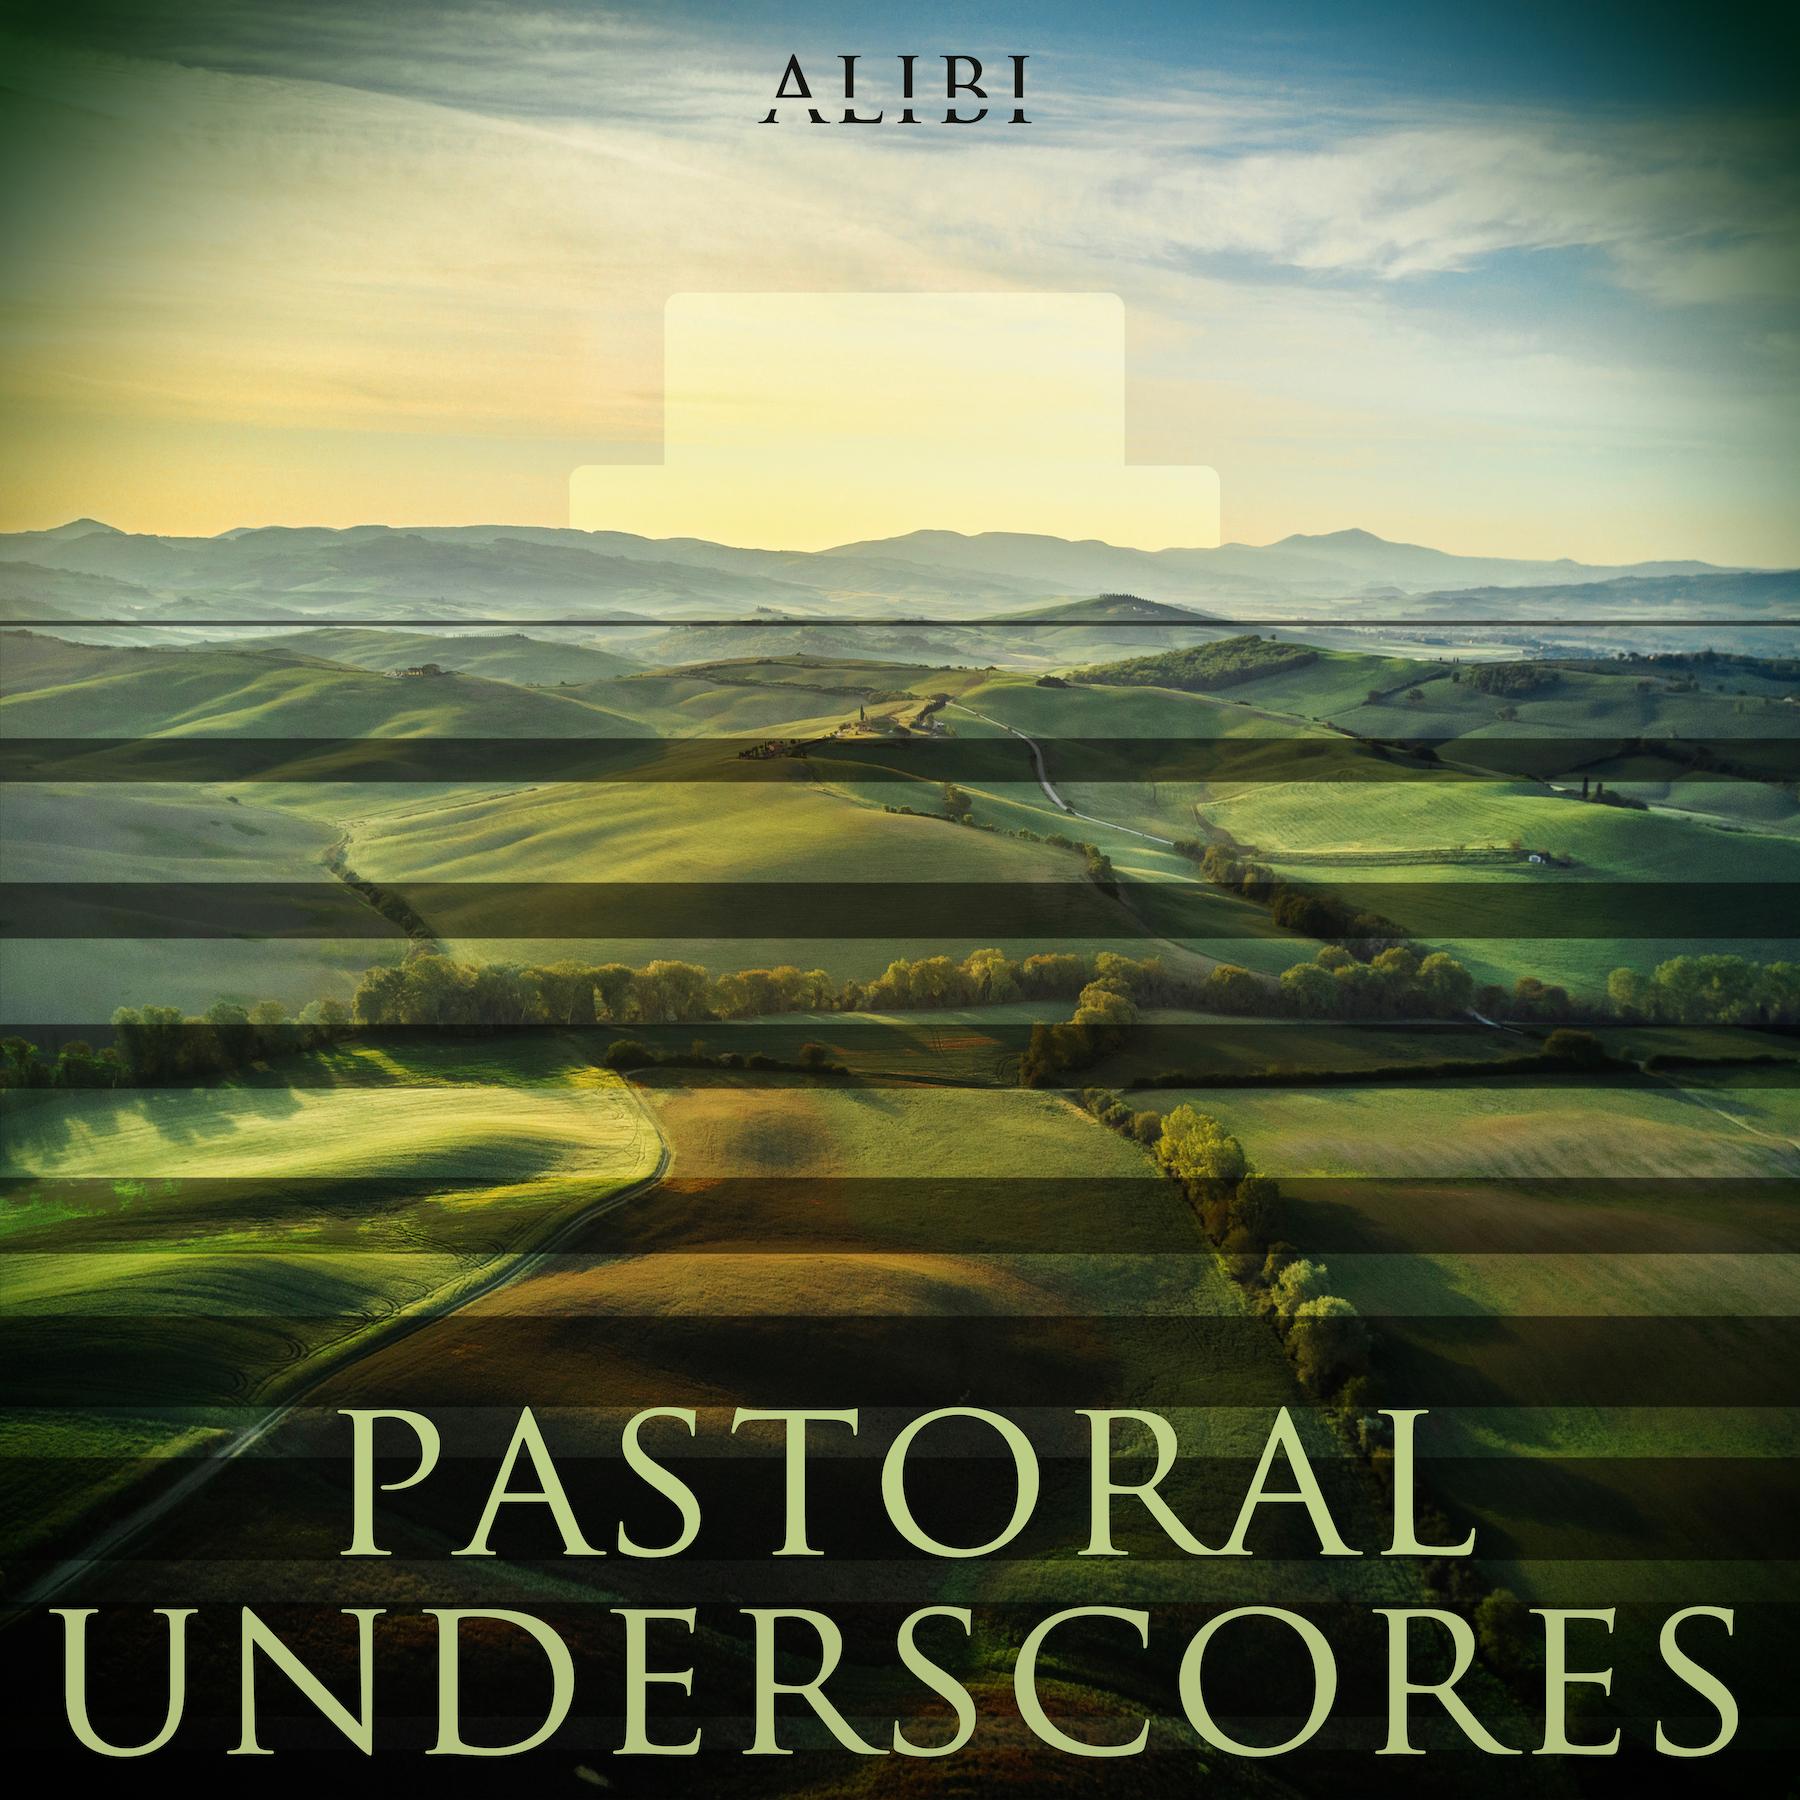 Pastoral Underscores